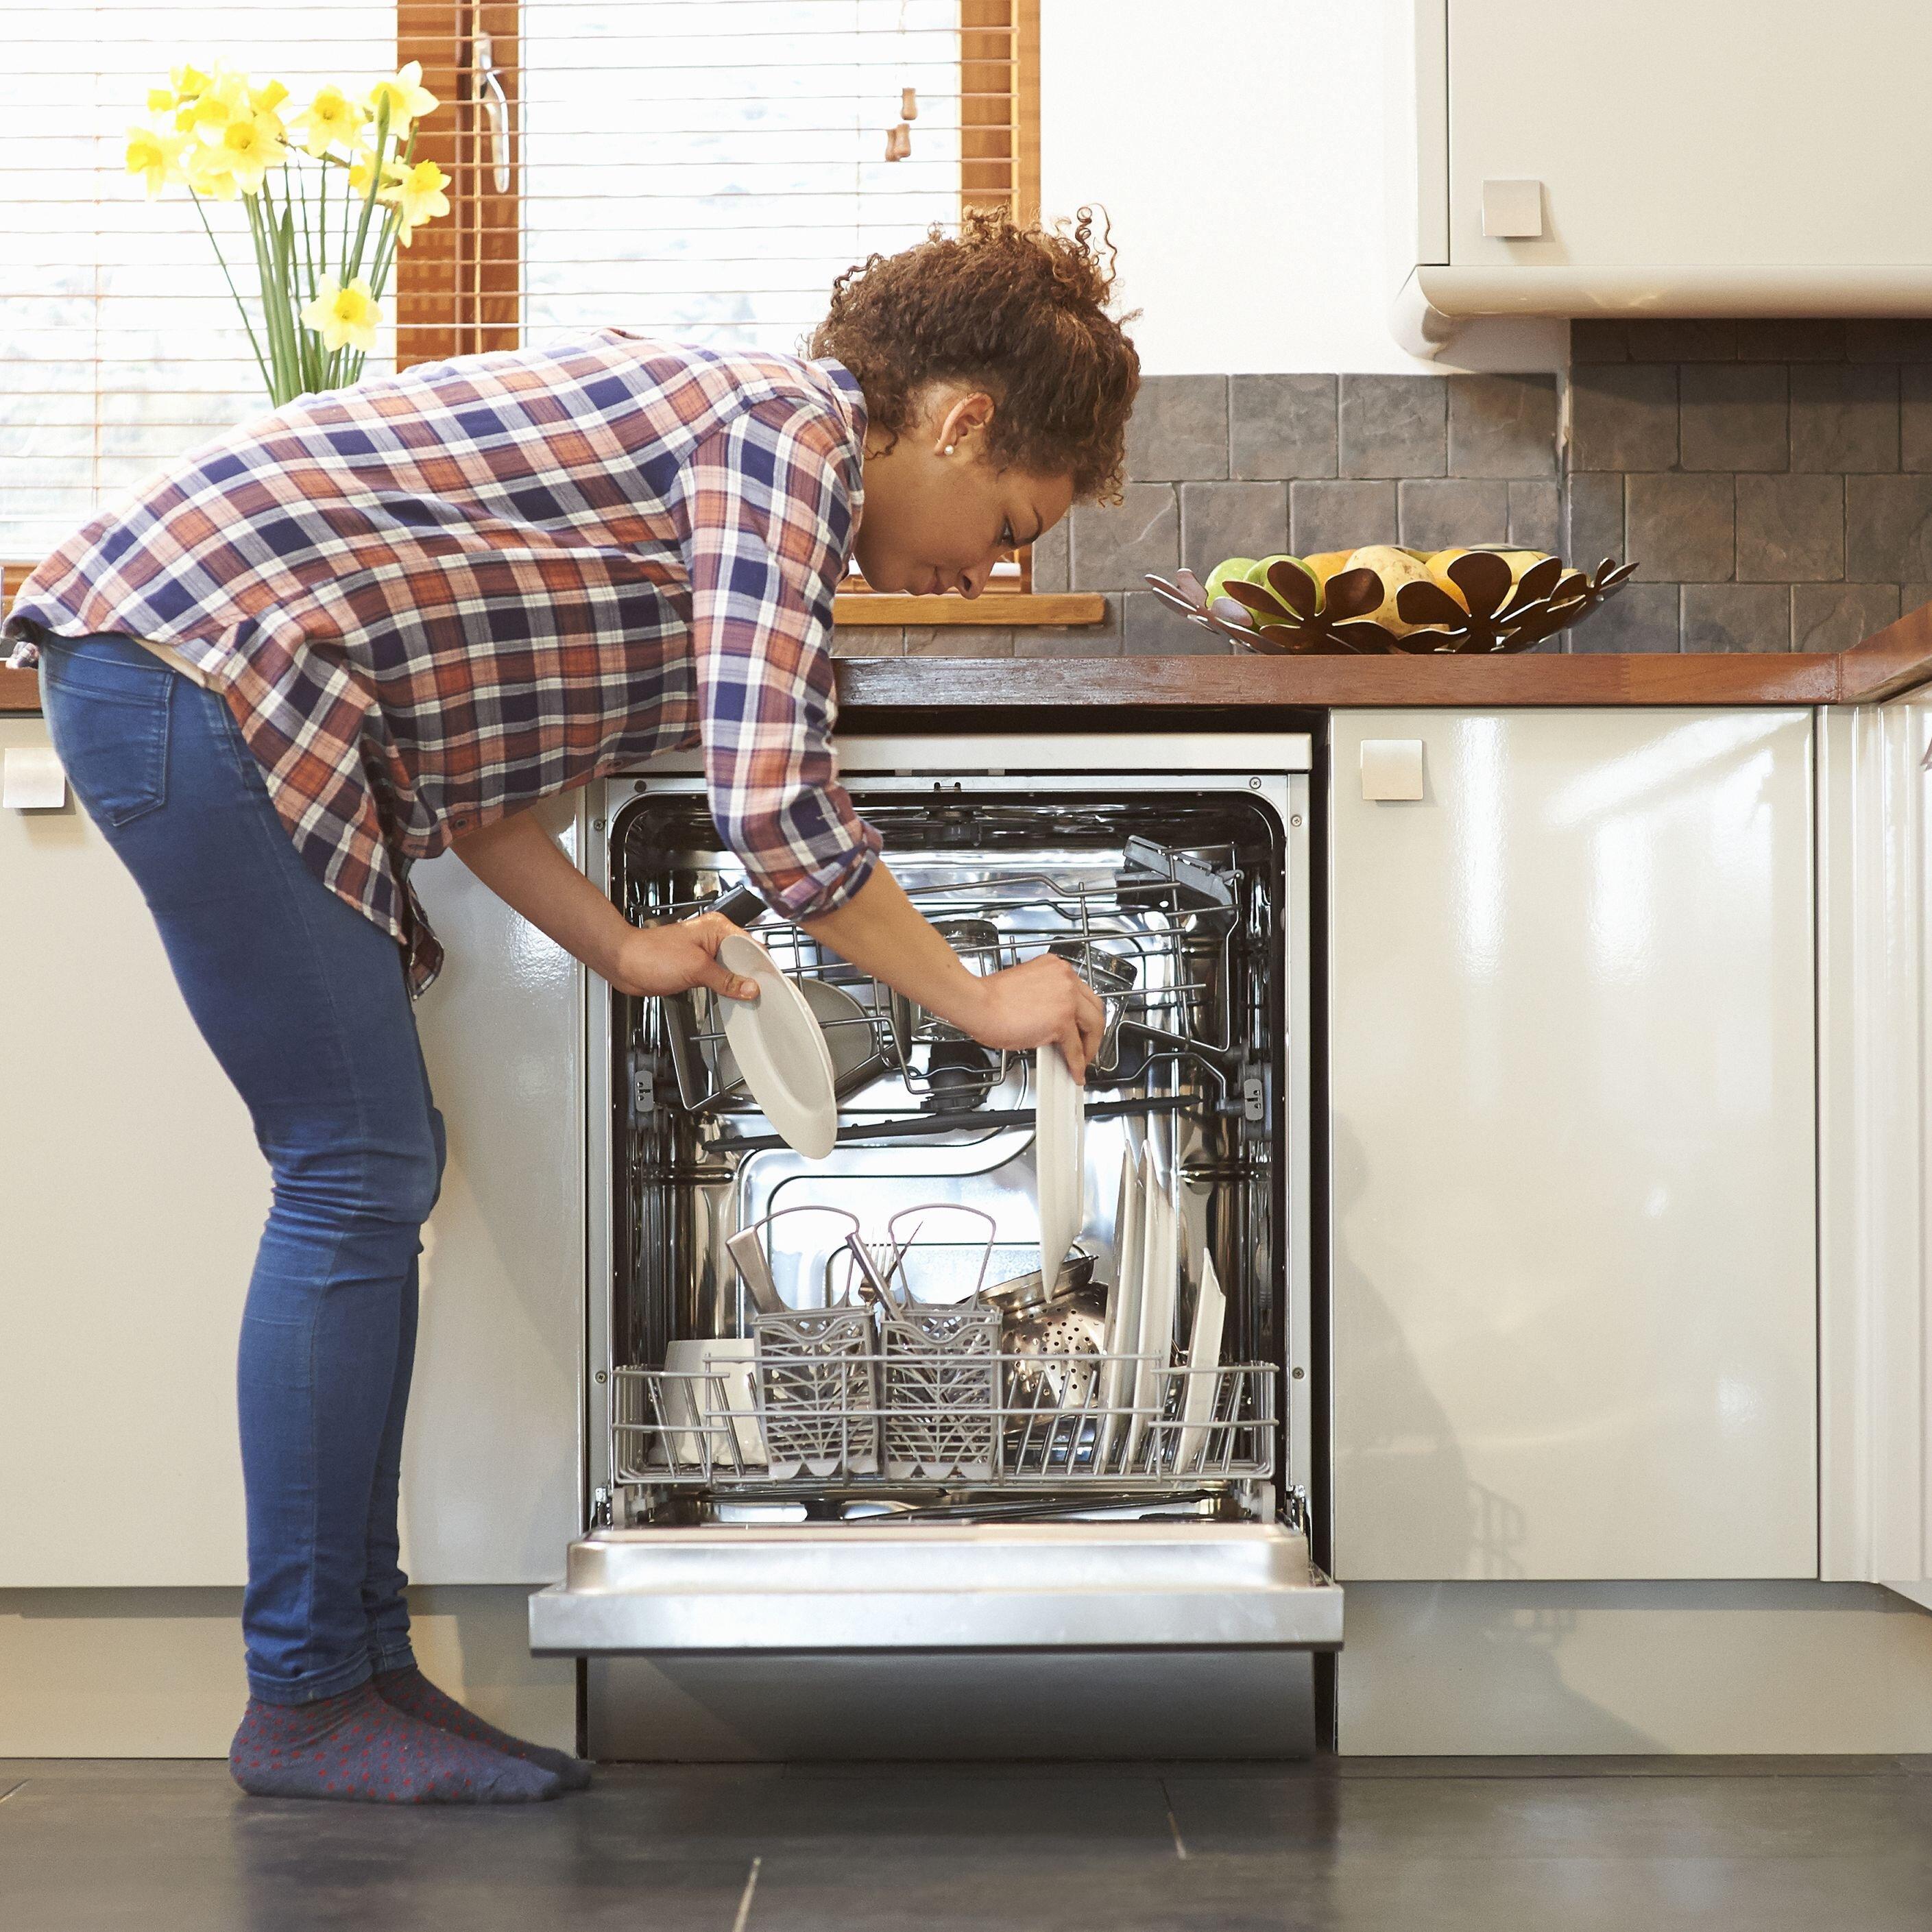 Cách sử dụng máy rửa chén bát Candy cũng không có gì khó khăn